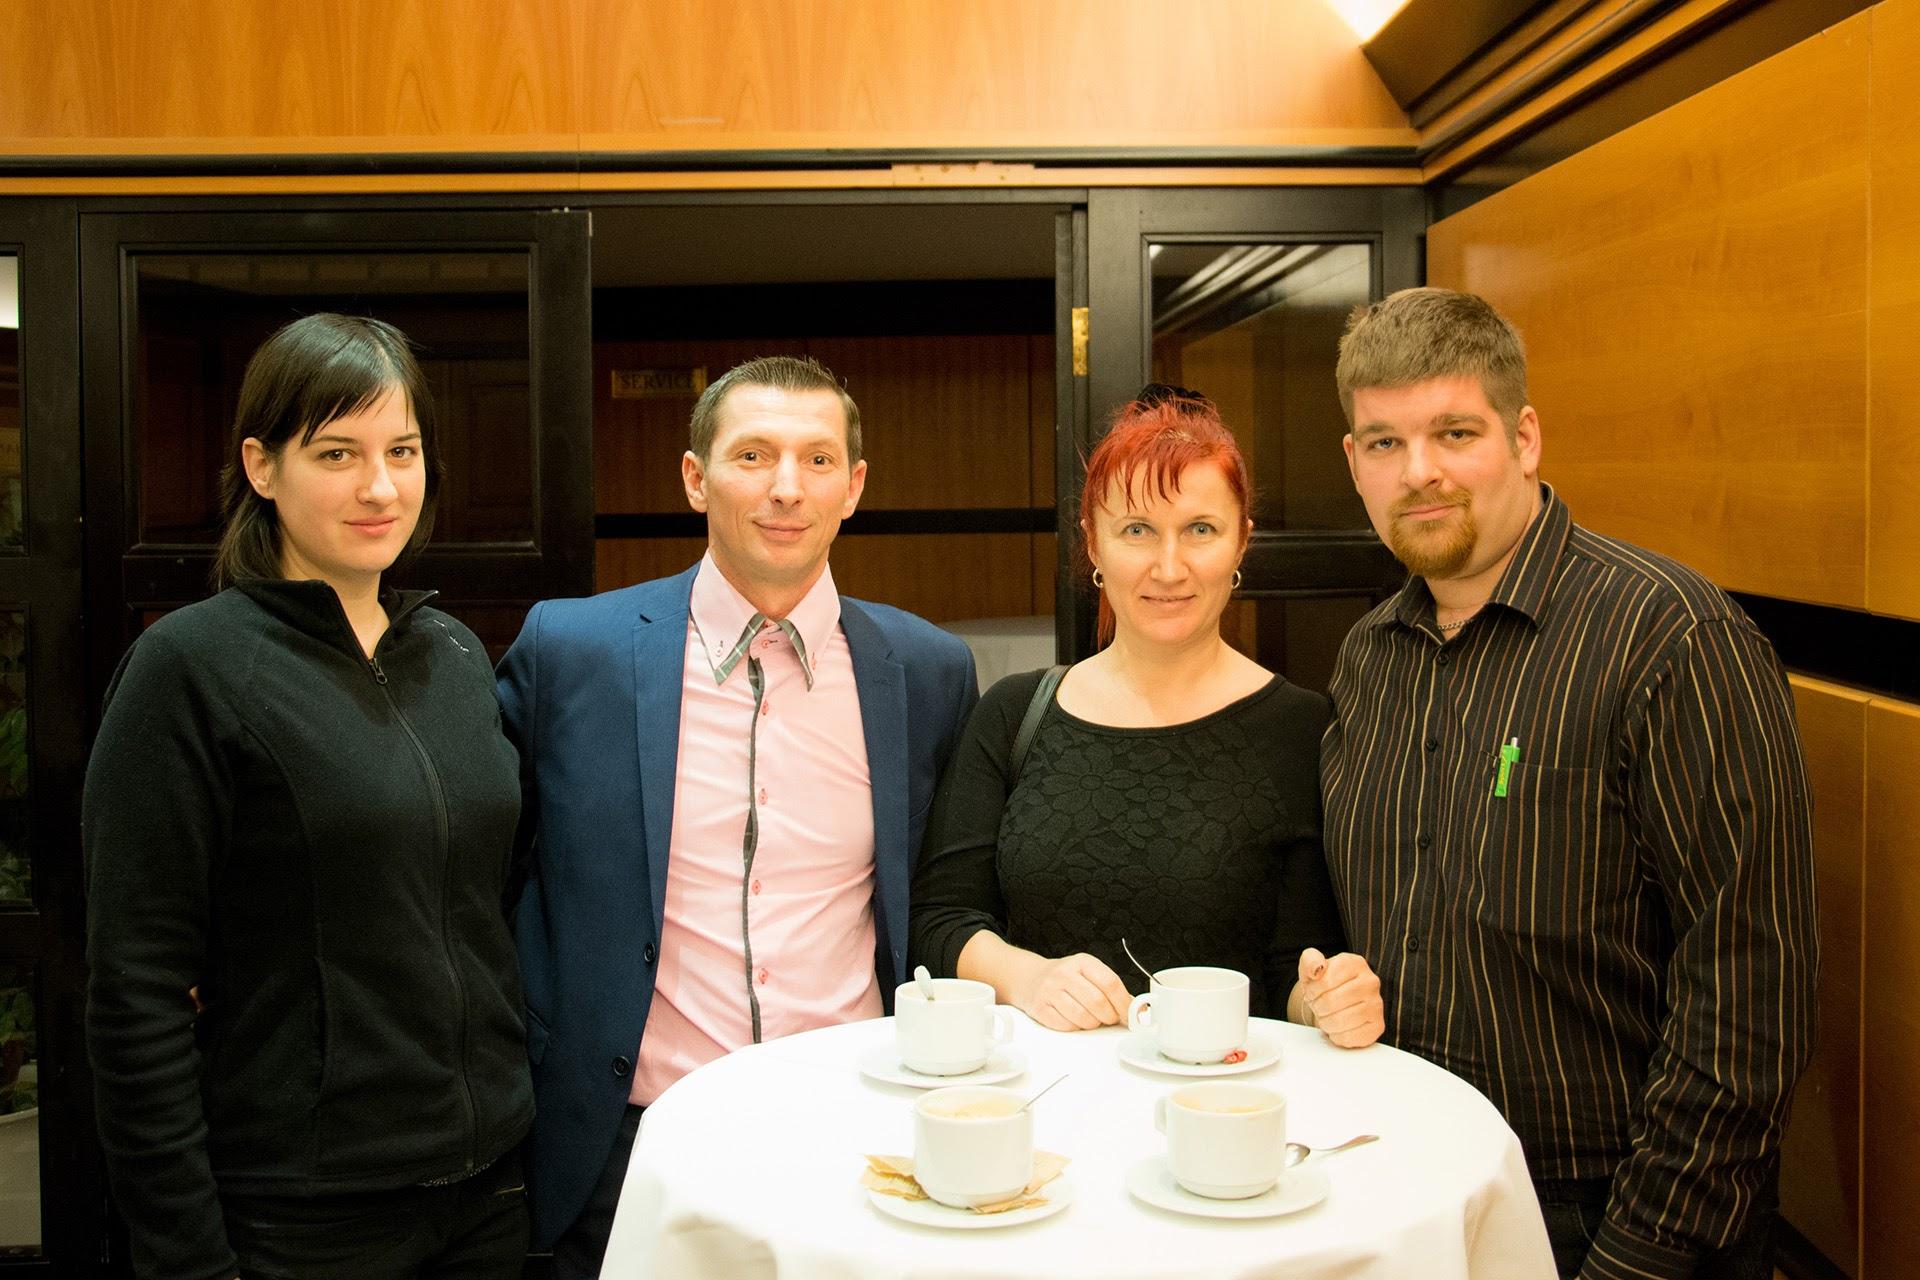 Középen az új 6-os szintű munkatárs, Szilvási Tibor és HV-ja, felesége Szilvási-Vékony Ilona